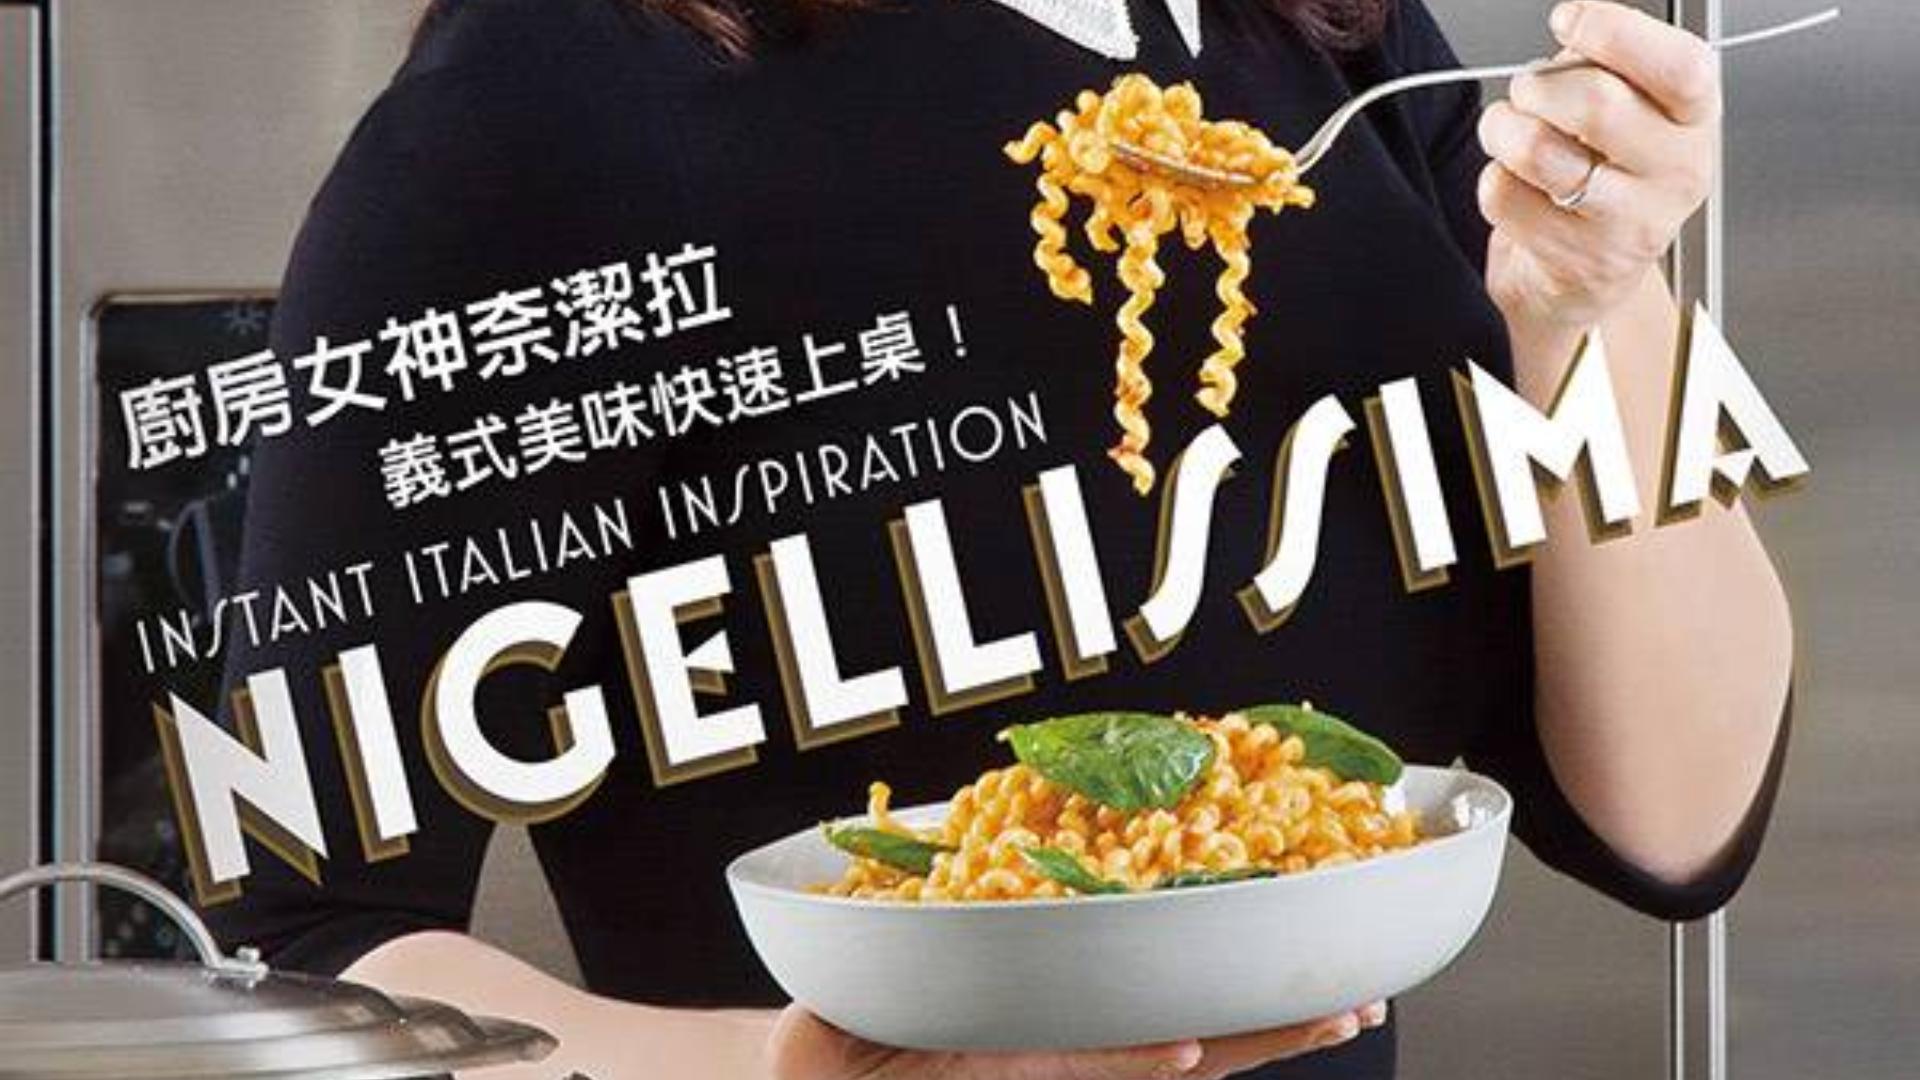 BBC美食纪录片《靓太意式风味》第一季七集全